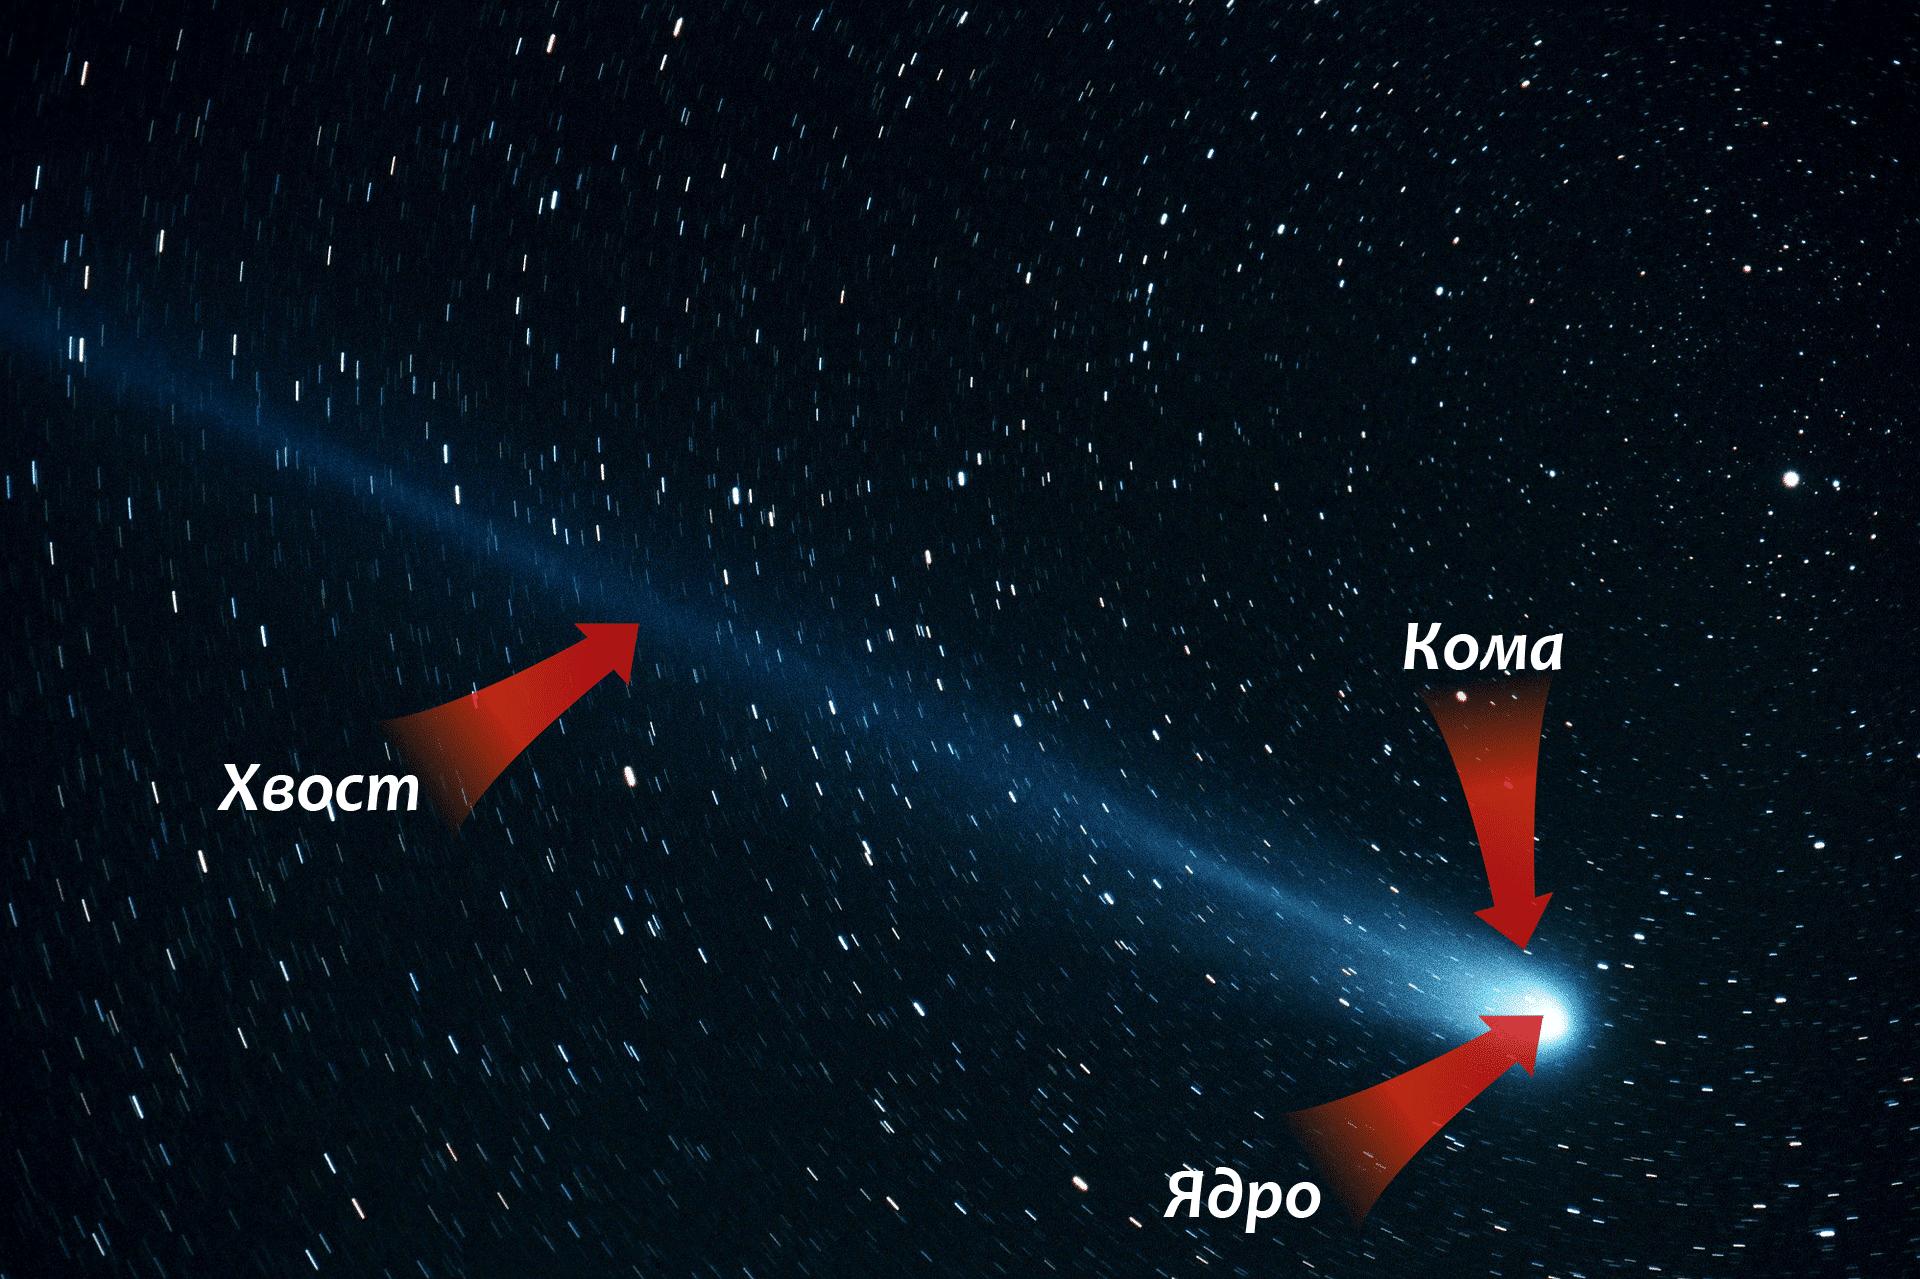 Строение кометы